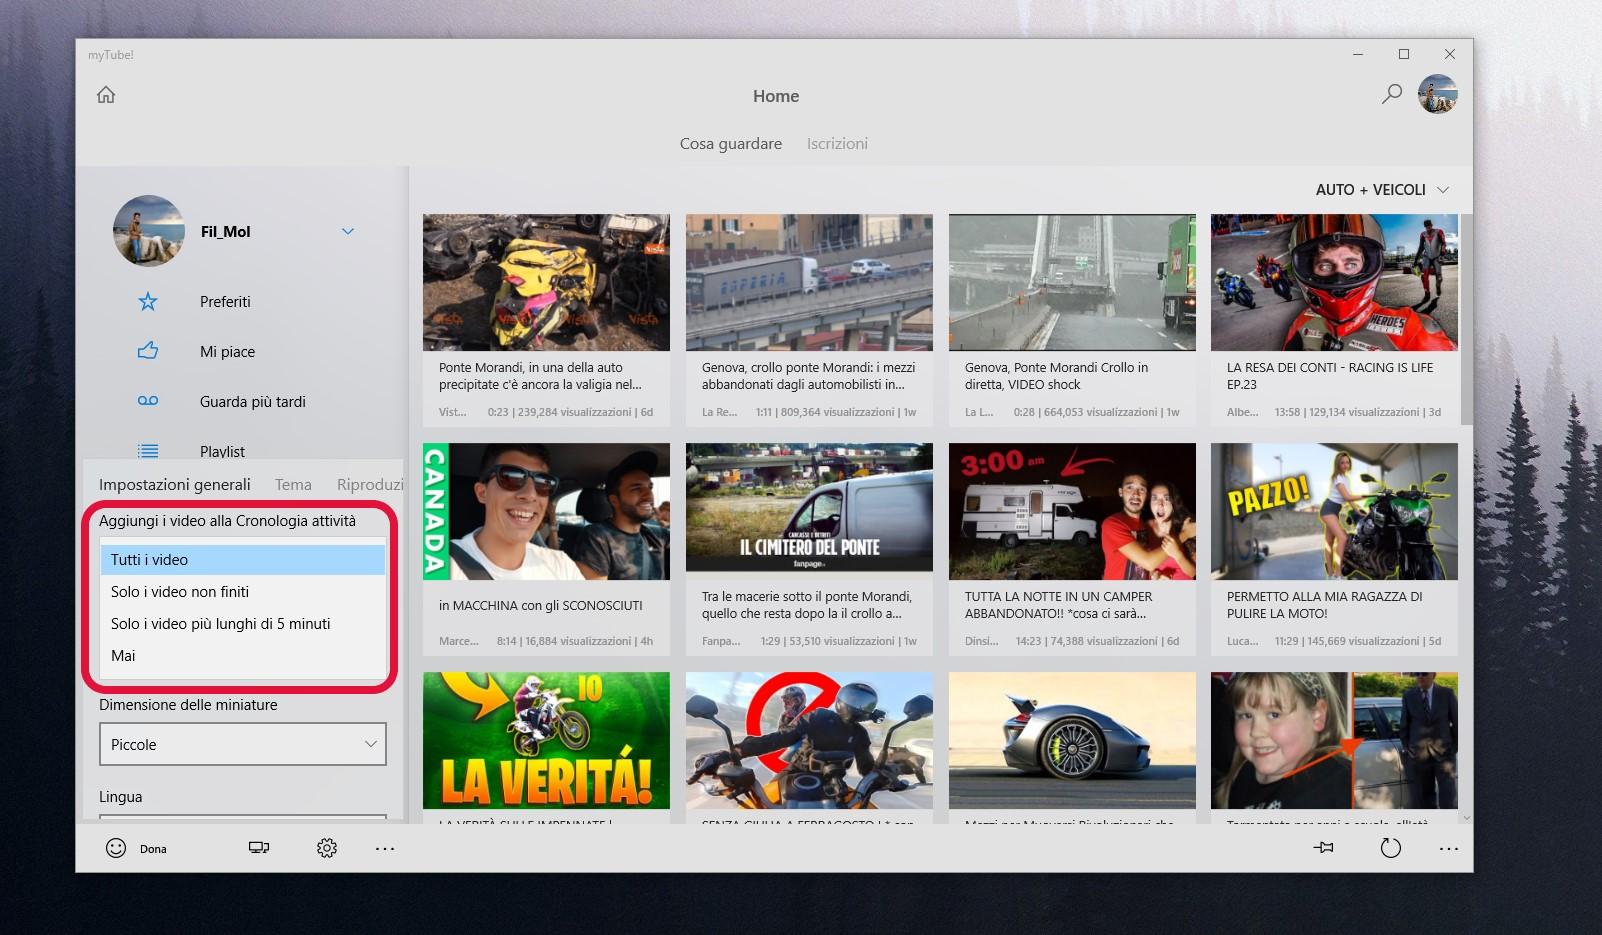 myTube Windows 10 nuovo tema bianco e nero opzioni Sequenza temporale